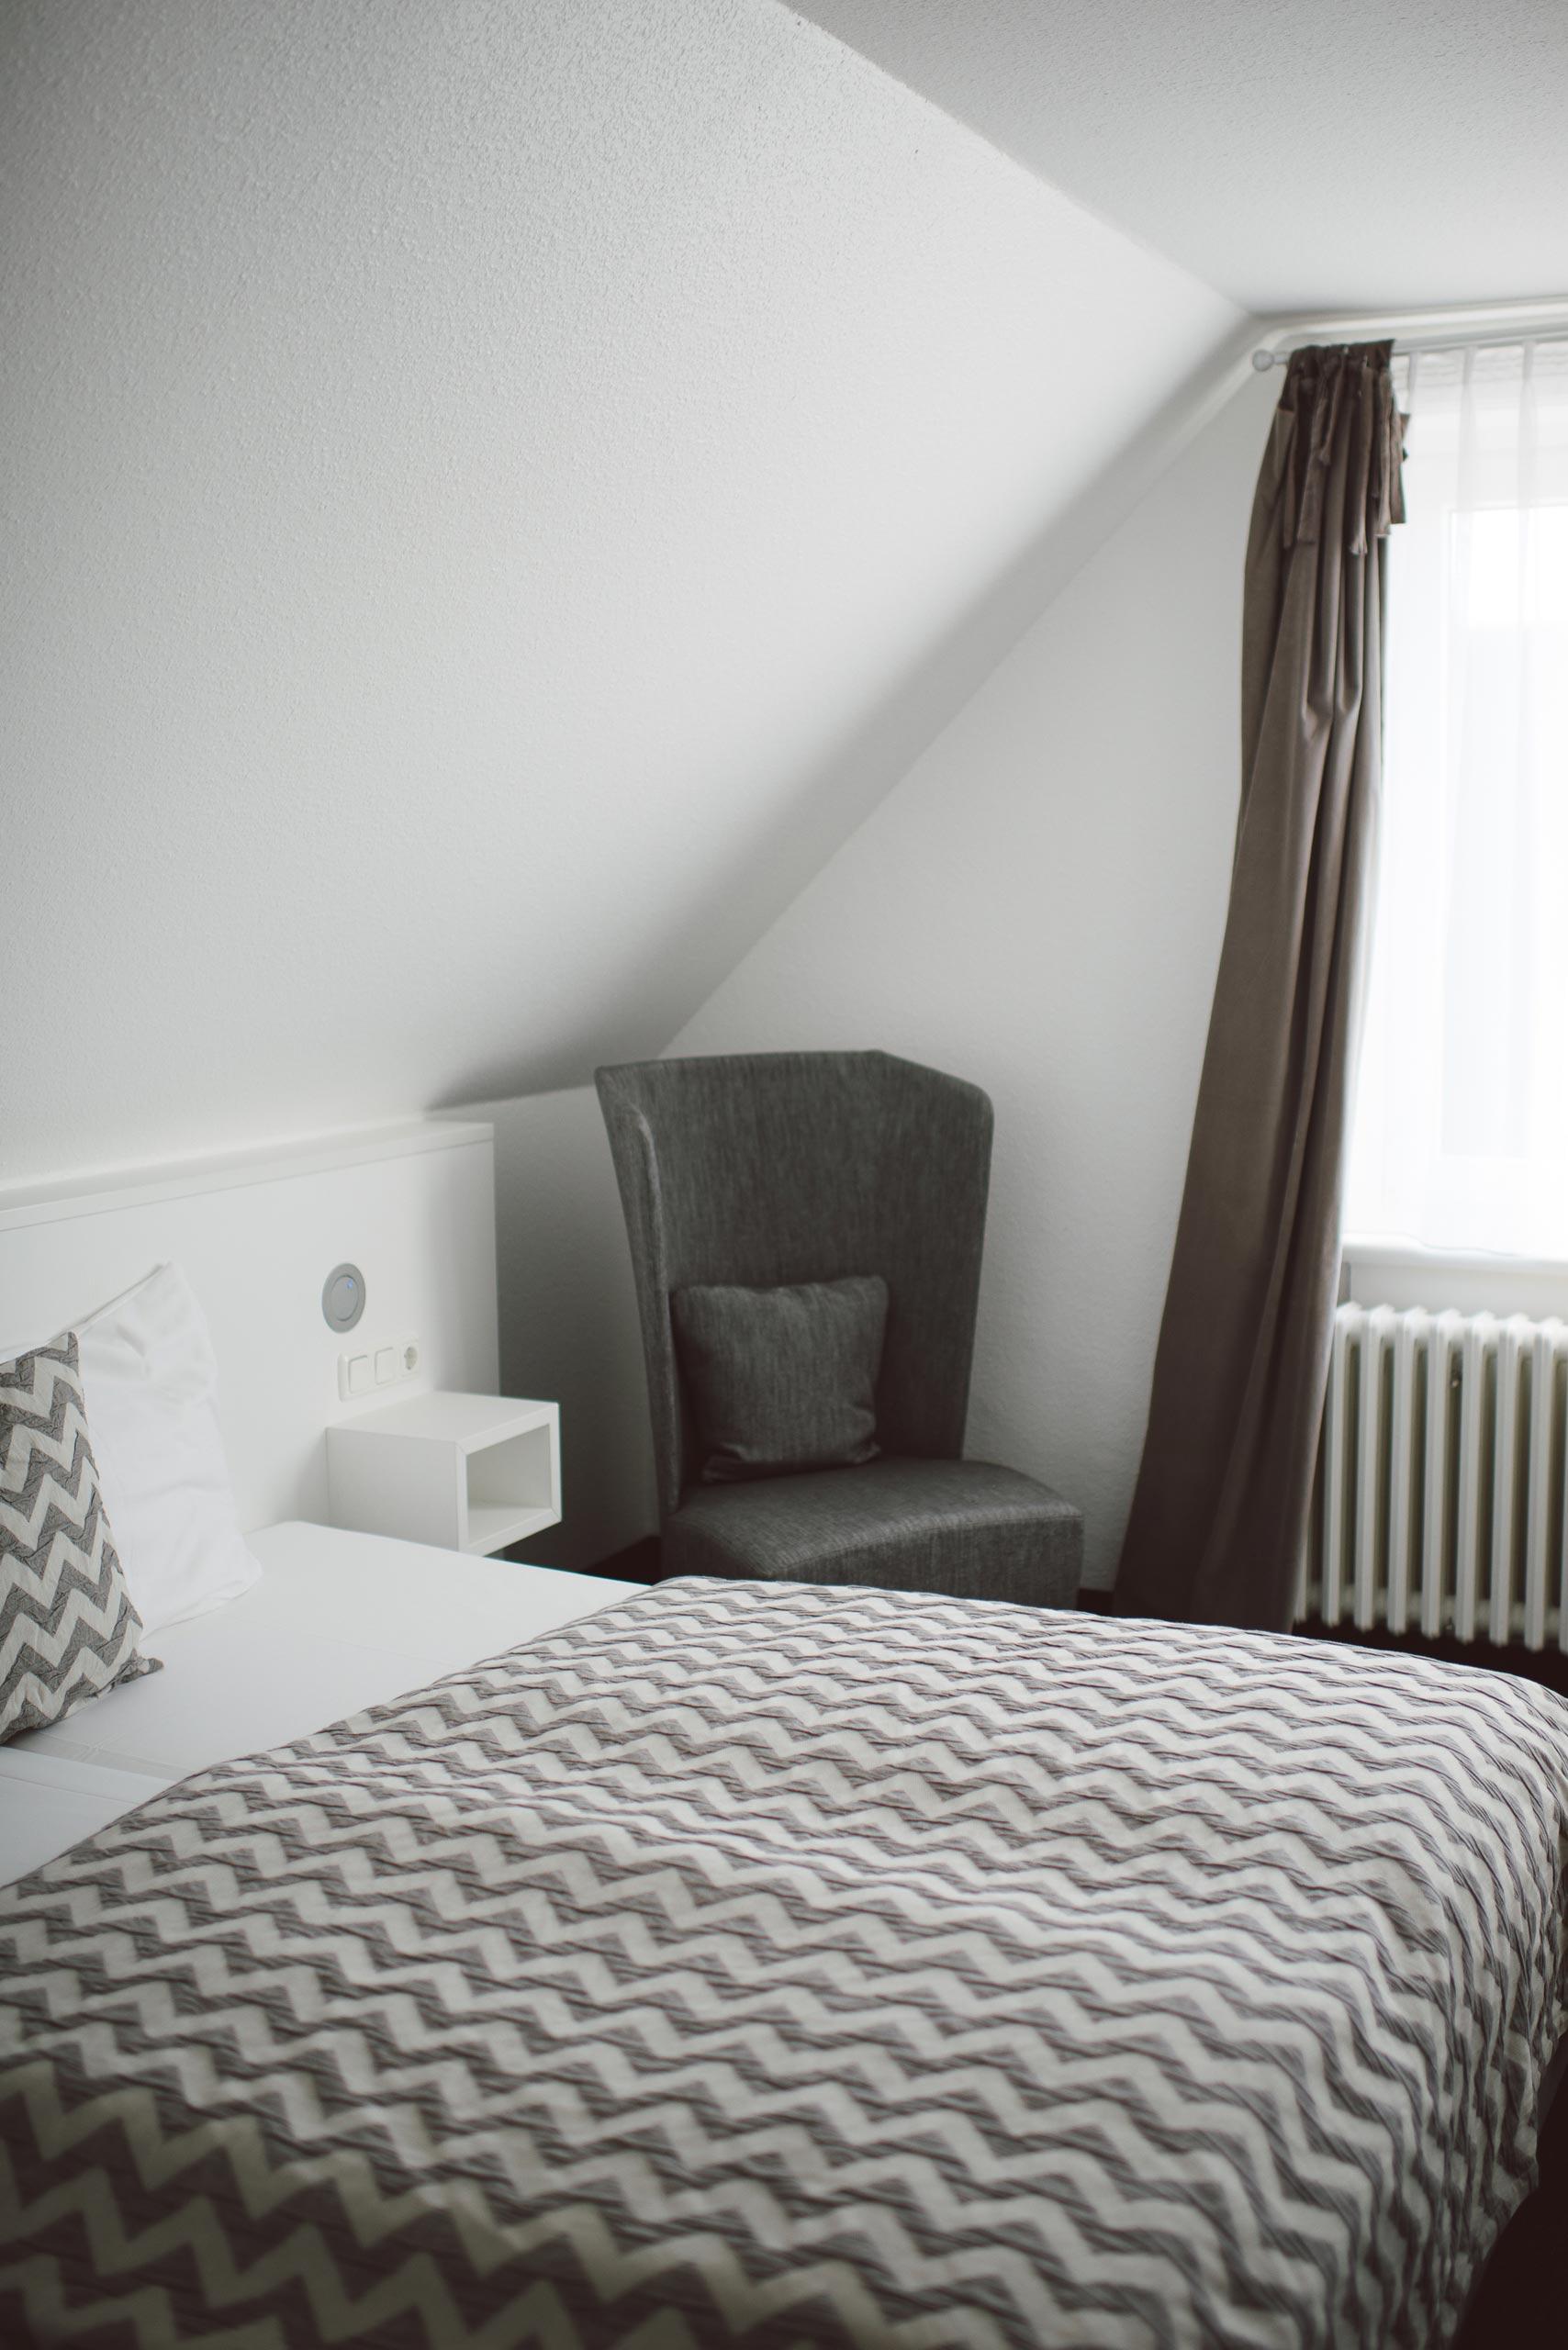 Raumeindruck vom M-Zimmer im meerzeit Hotel in Cuxhaven